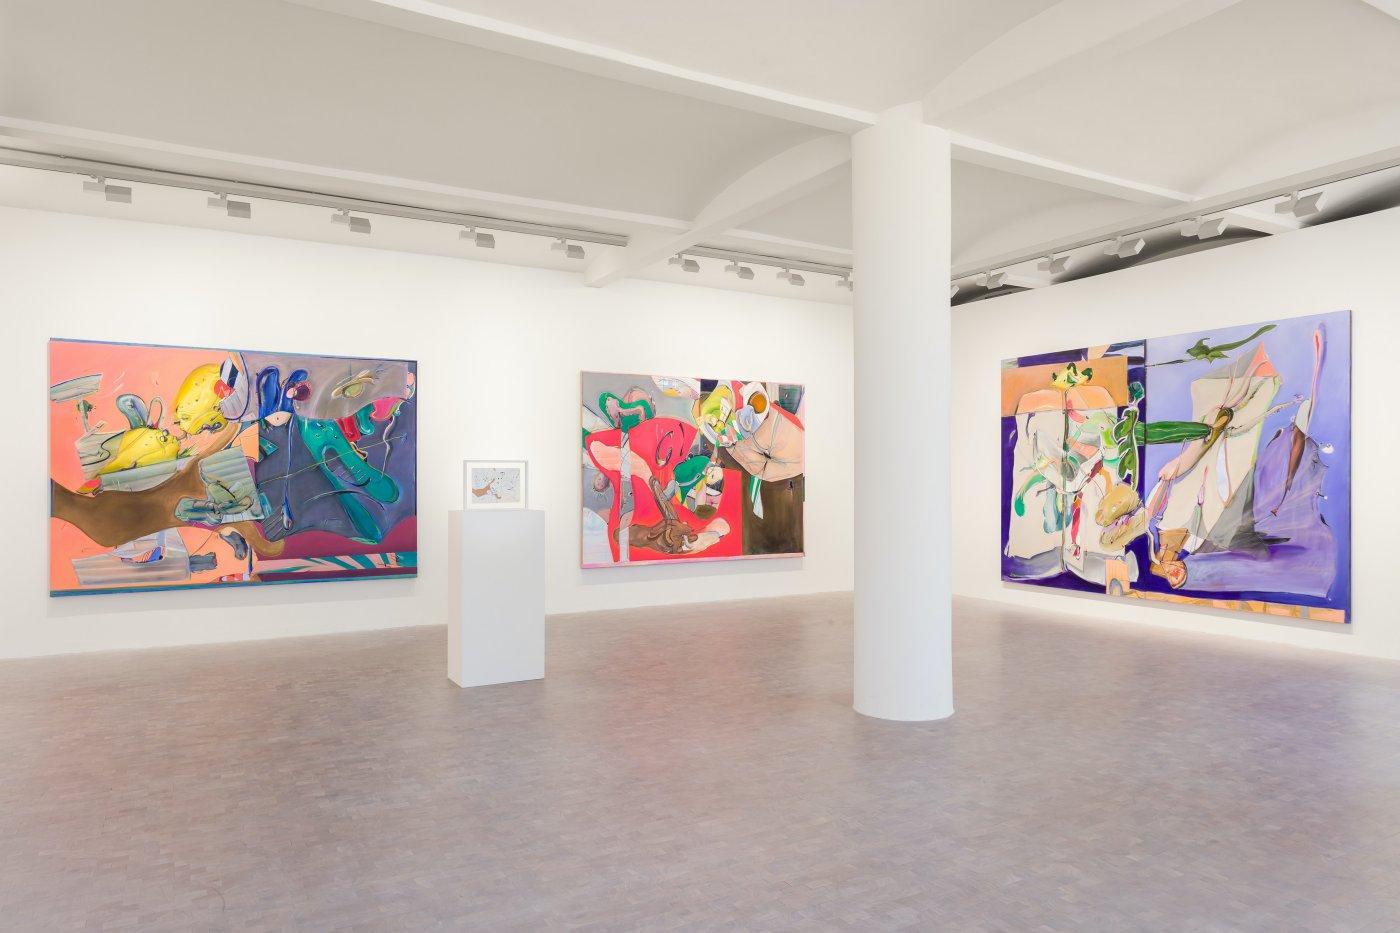 Pippy Houldsworth Gallery Stefanie Heinze 4